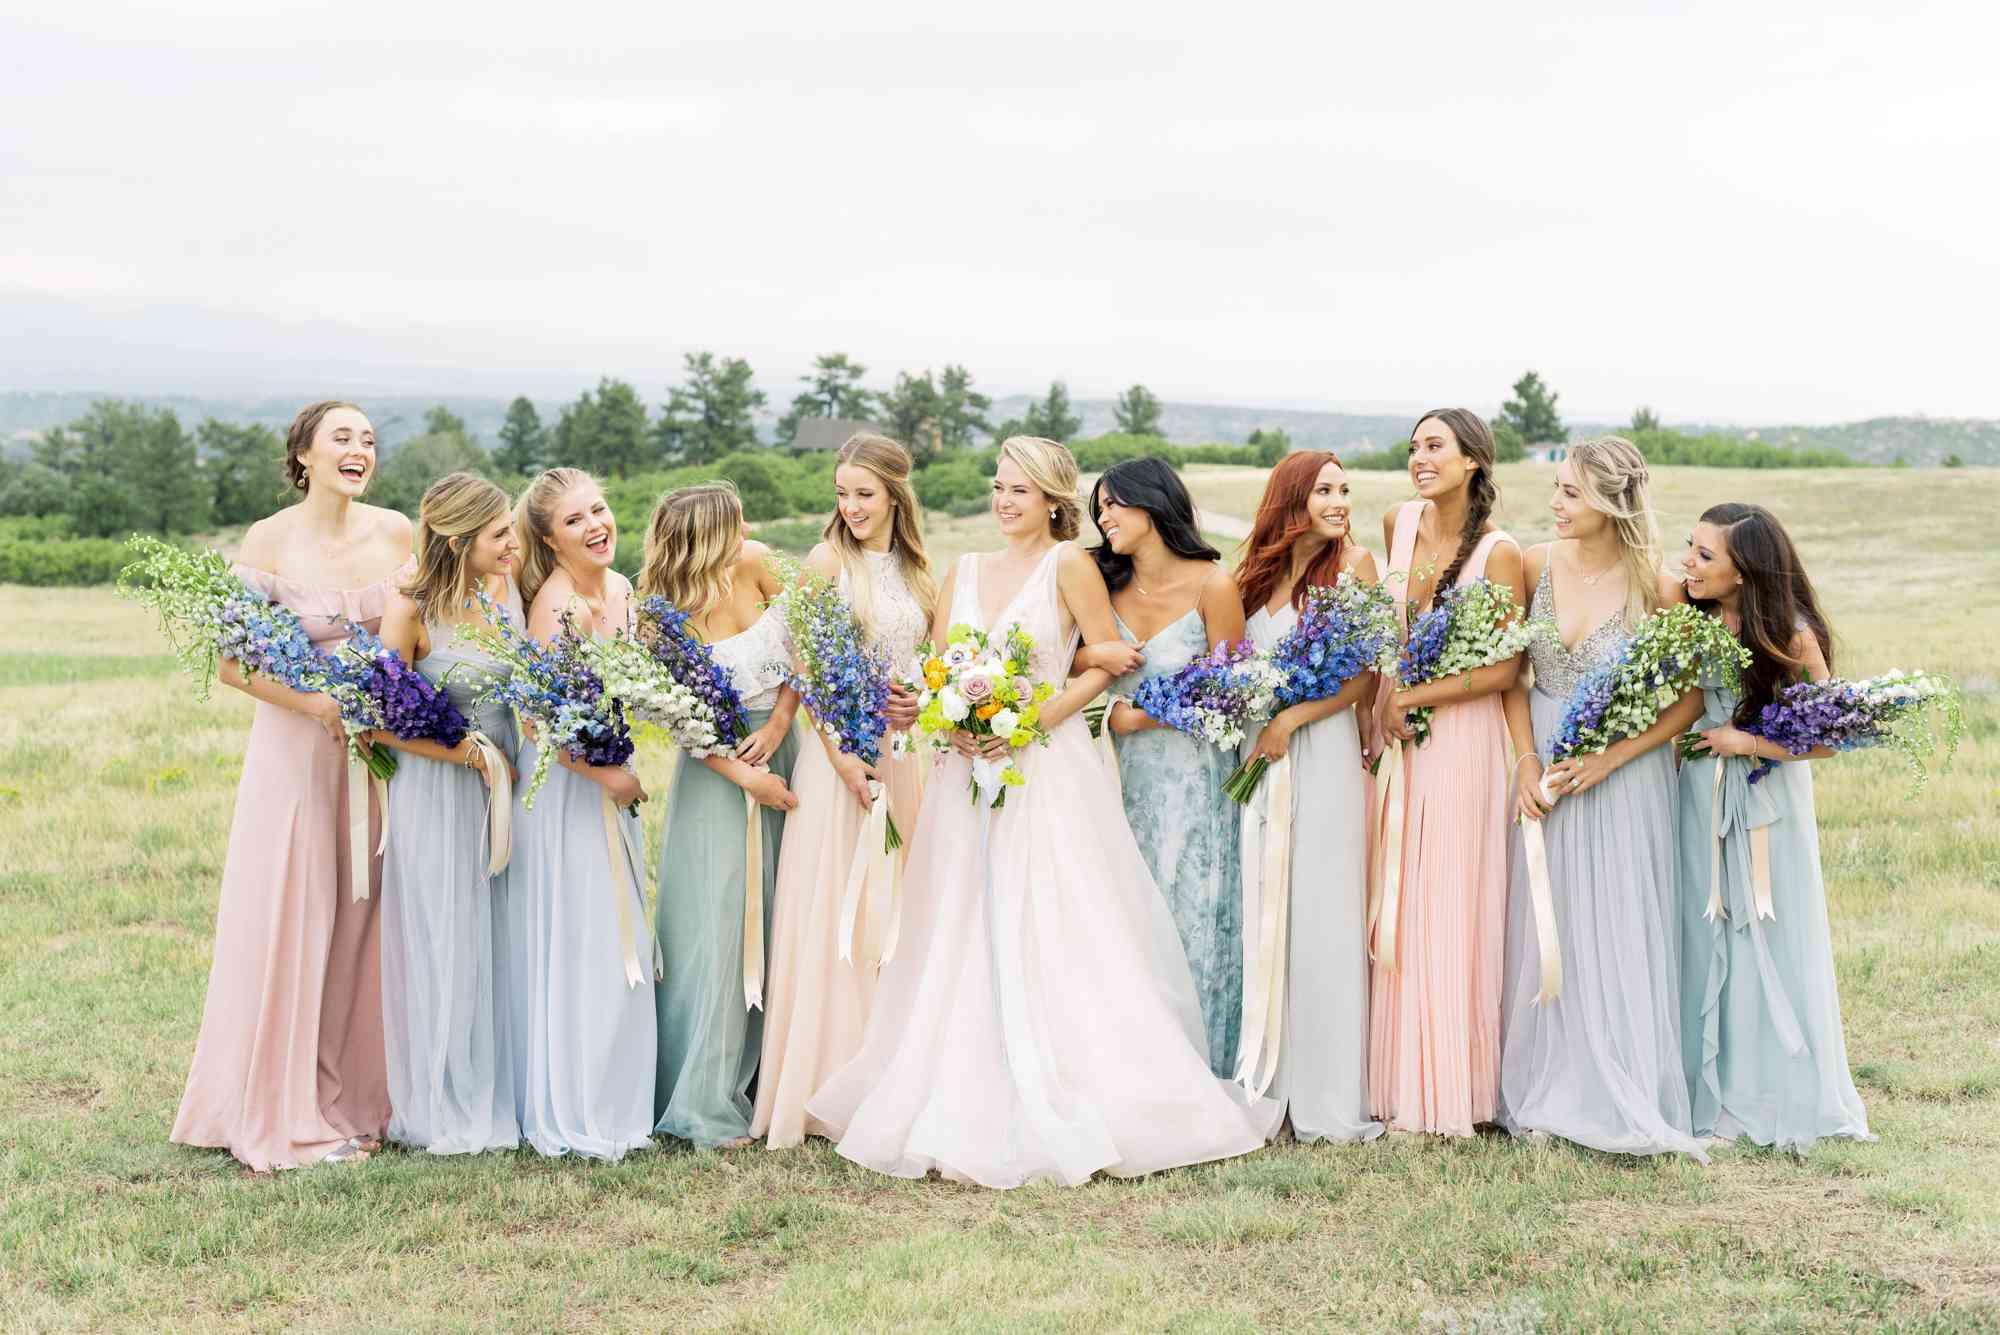 bridal party mismatched dresses